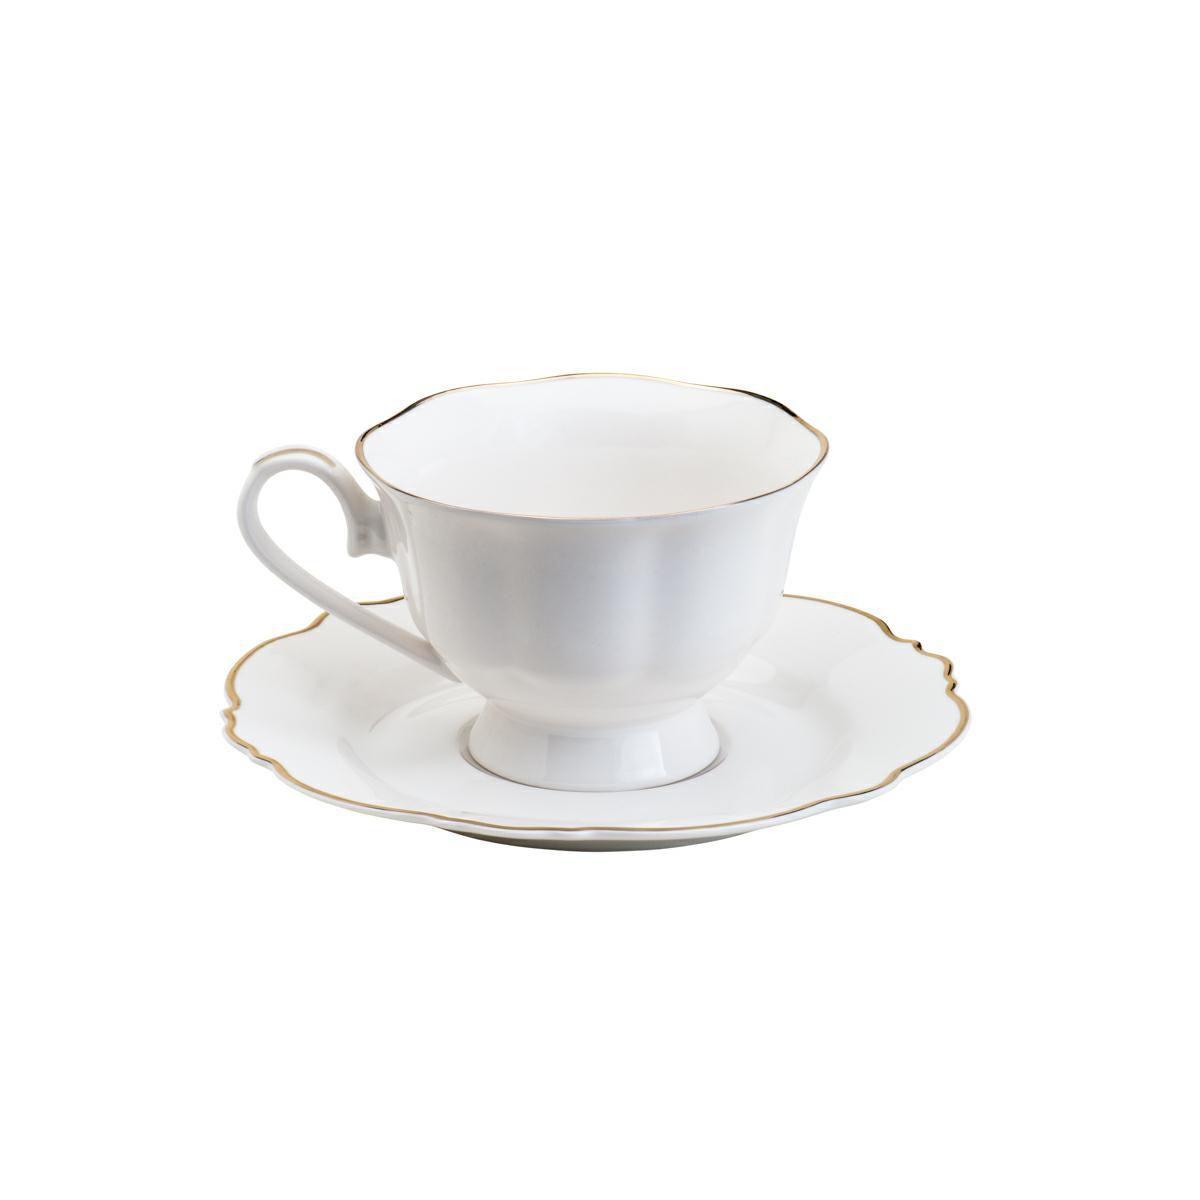 Jogo 6 Xícaras 180ml para chá de porcelana fio dourado com pires New Bone Wolff - 35368